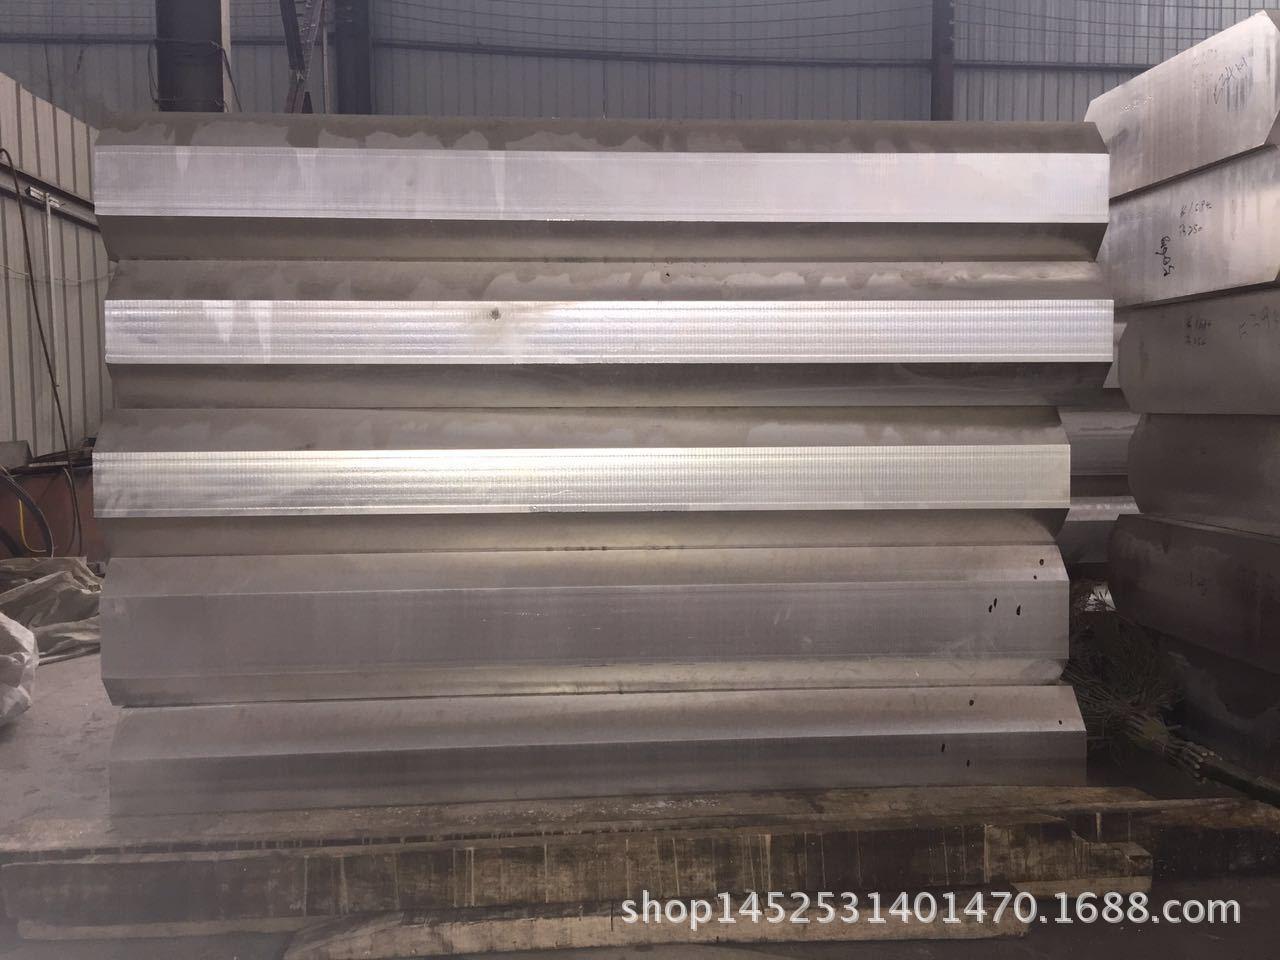 高纯镁锭供应商供应直销优质镁合金镁铝锌合金镁板现货供